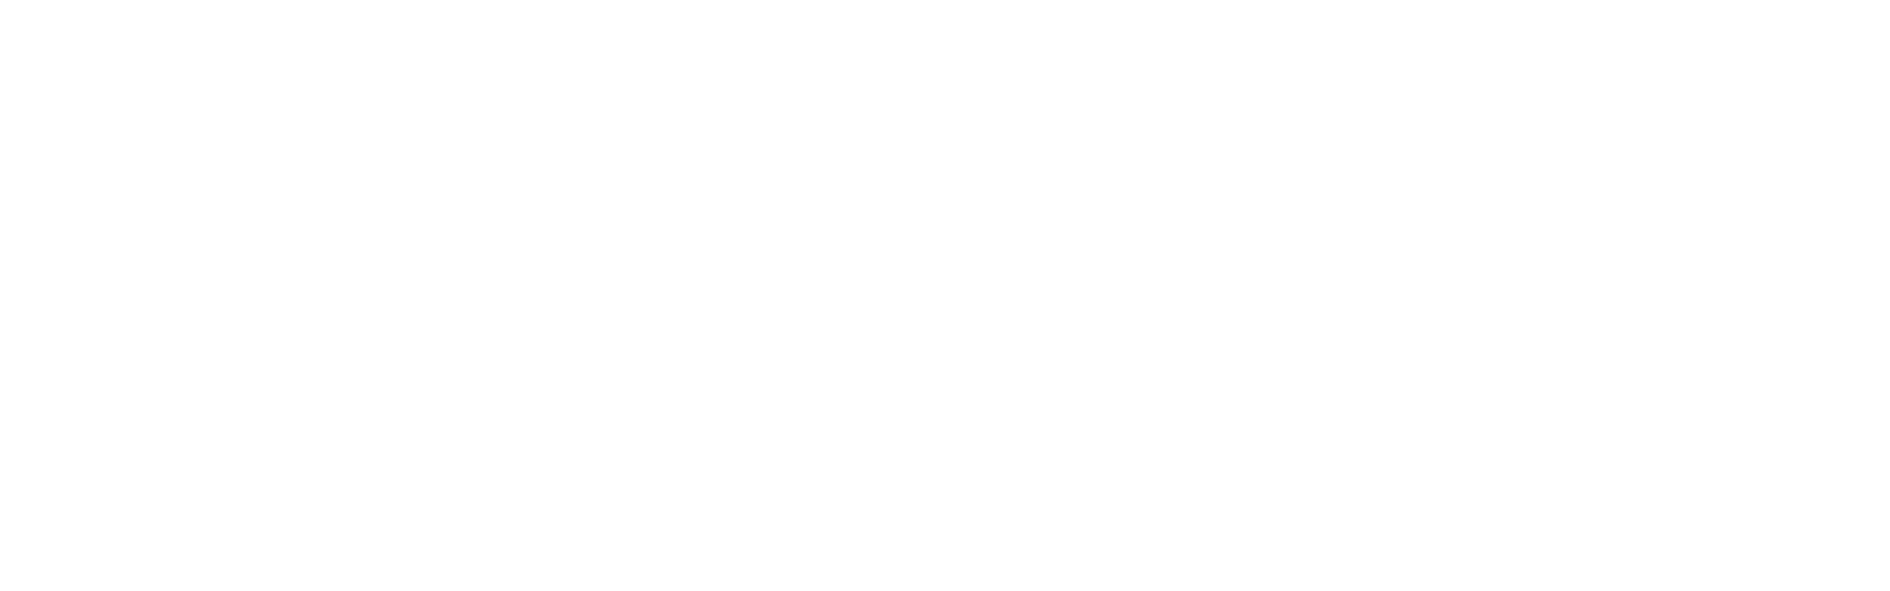 WI_Onyx_logo_negative_landscape.png